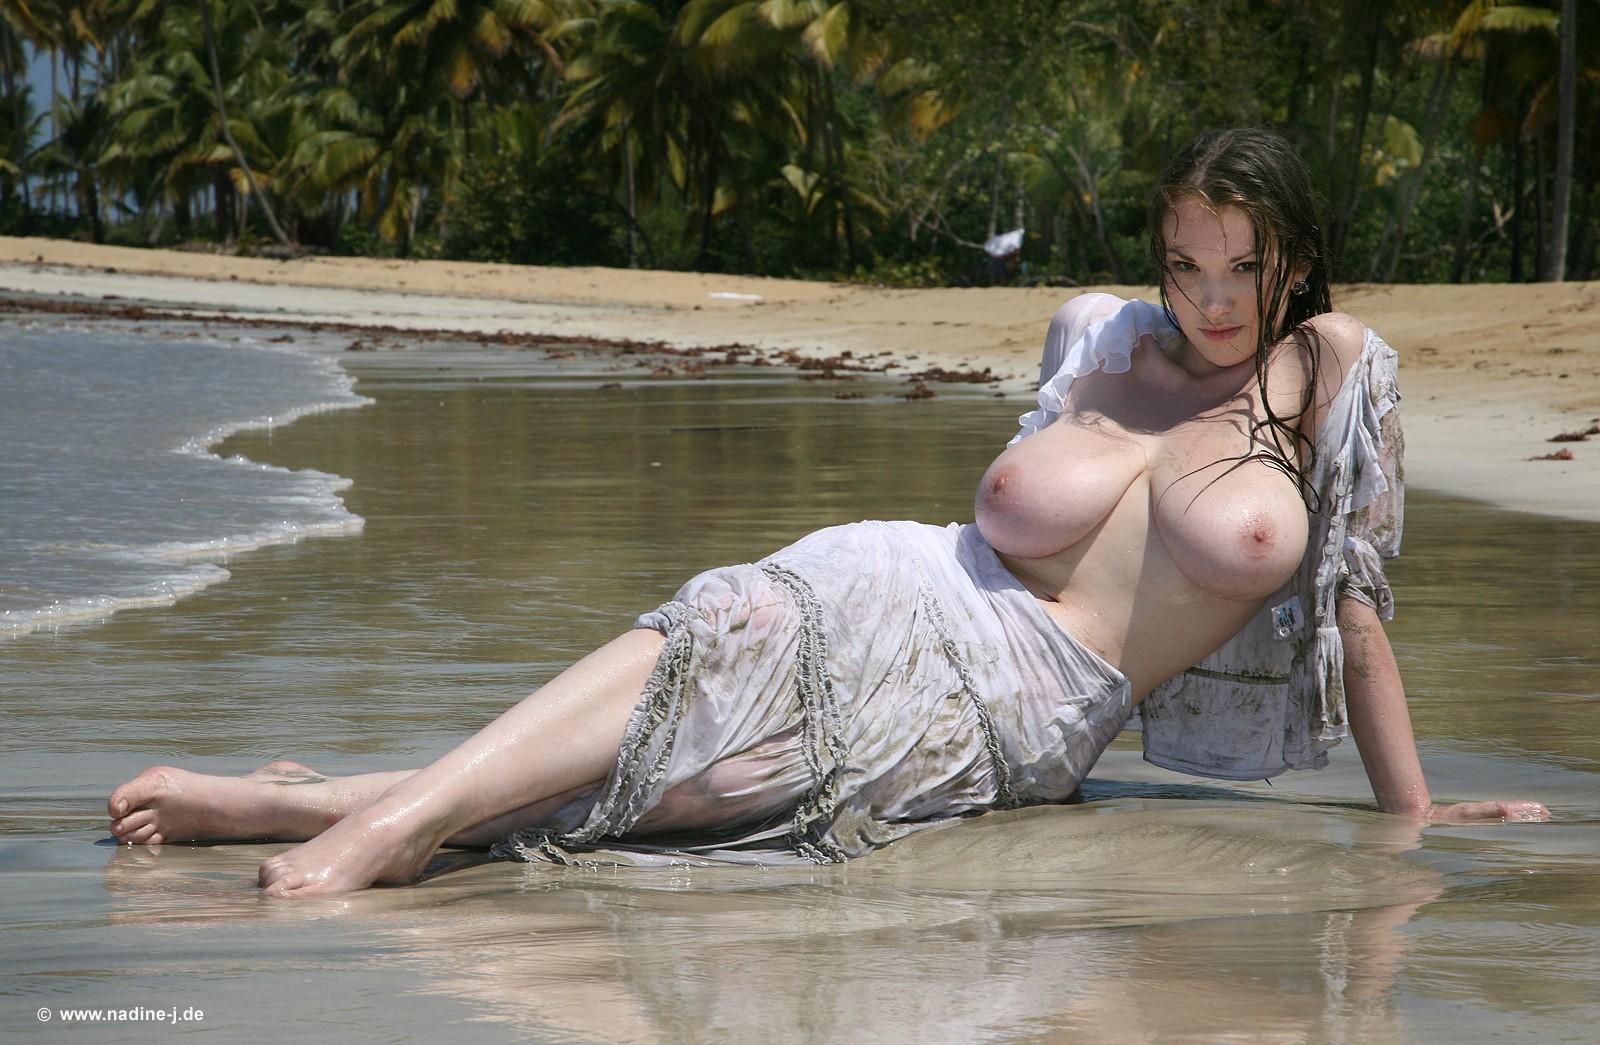 Porno island